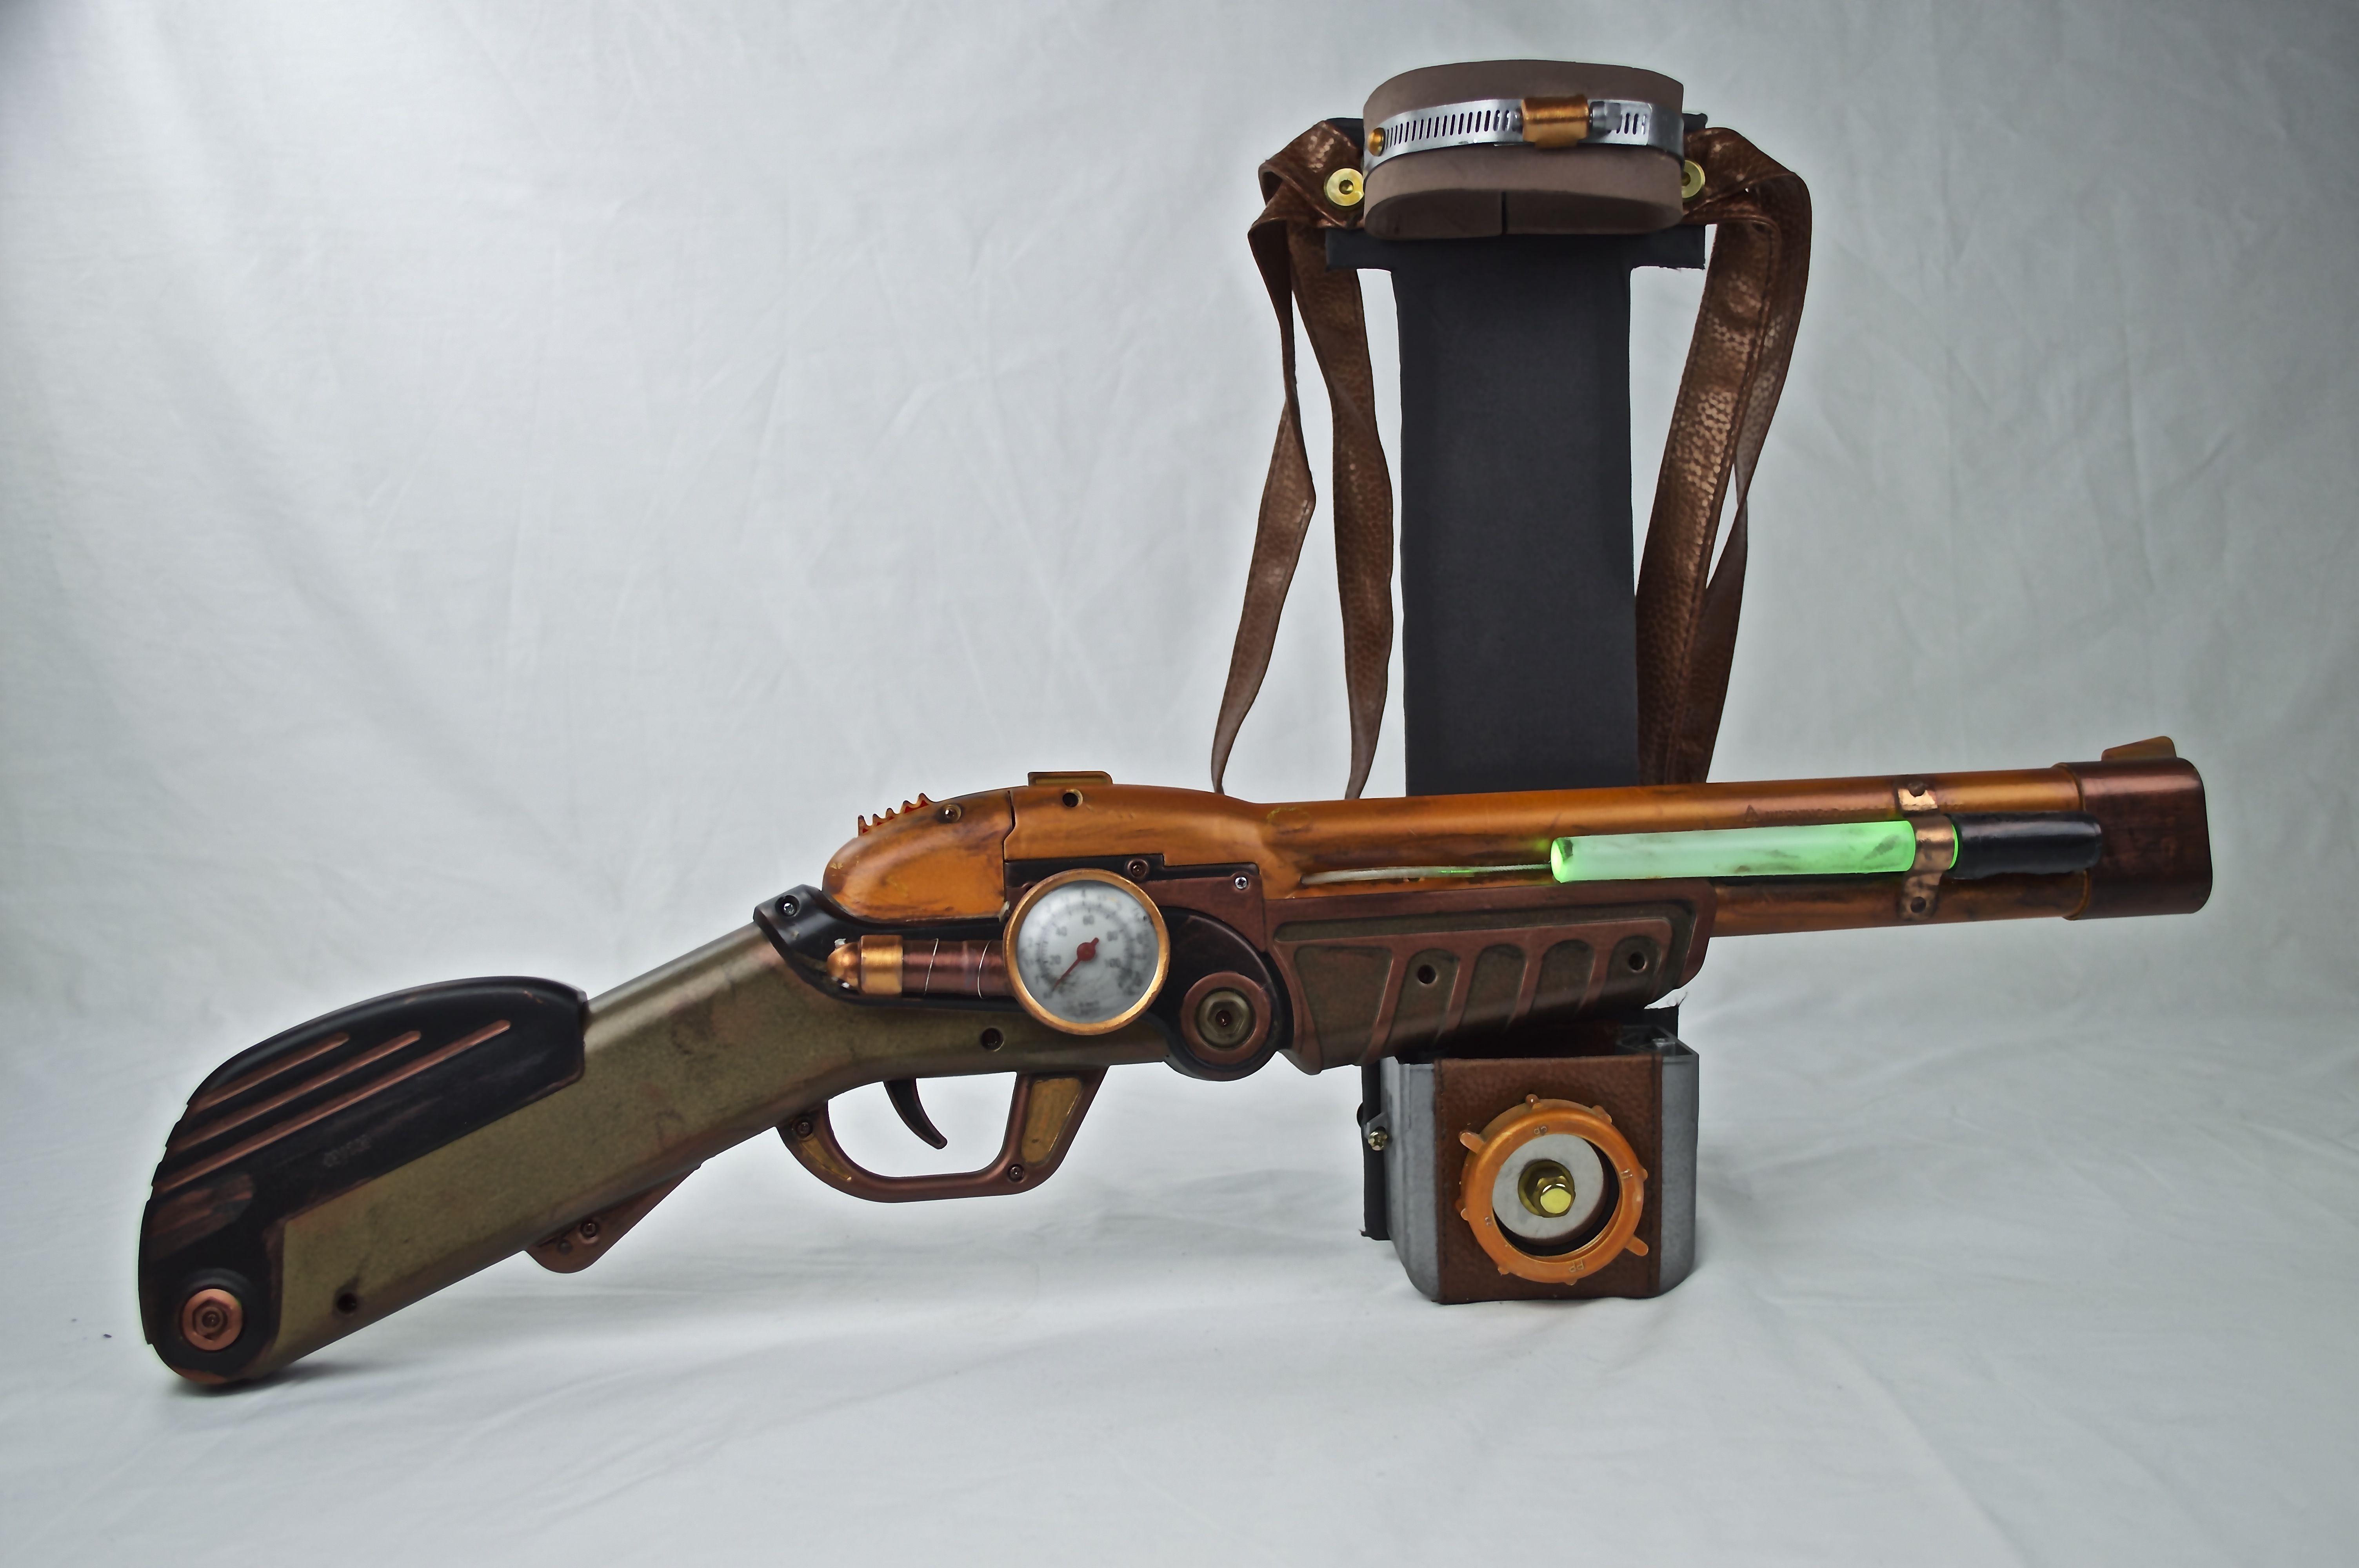 My Steampunk plasma shotgun.